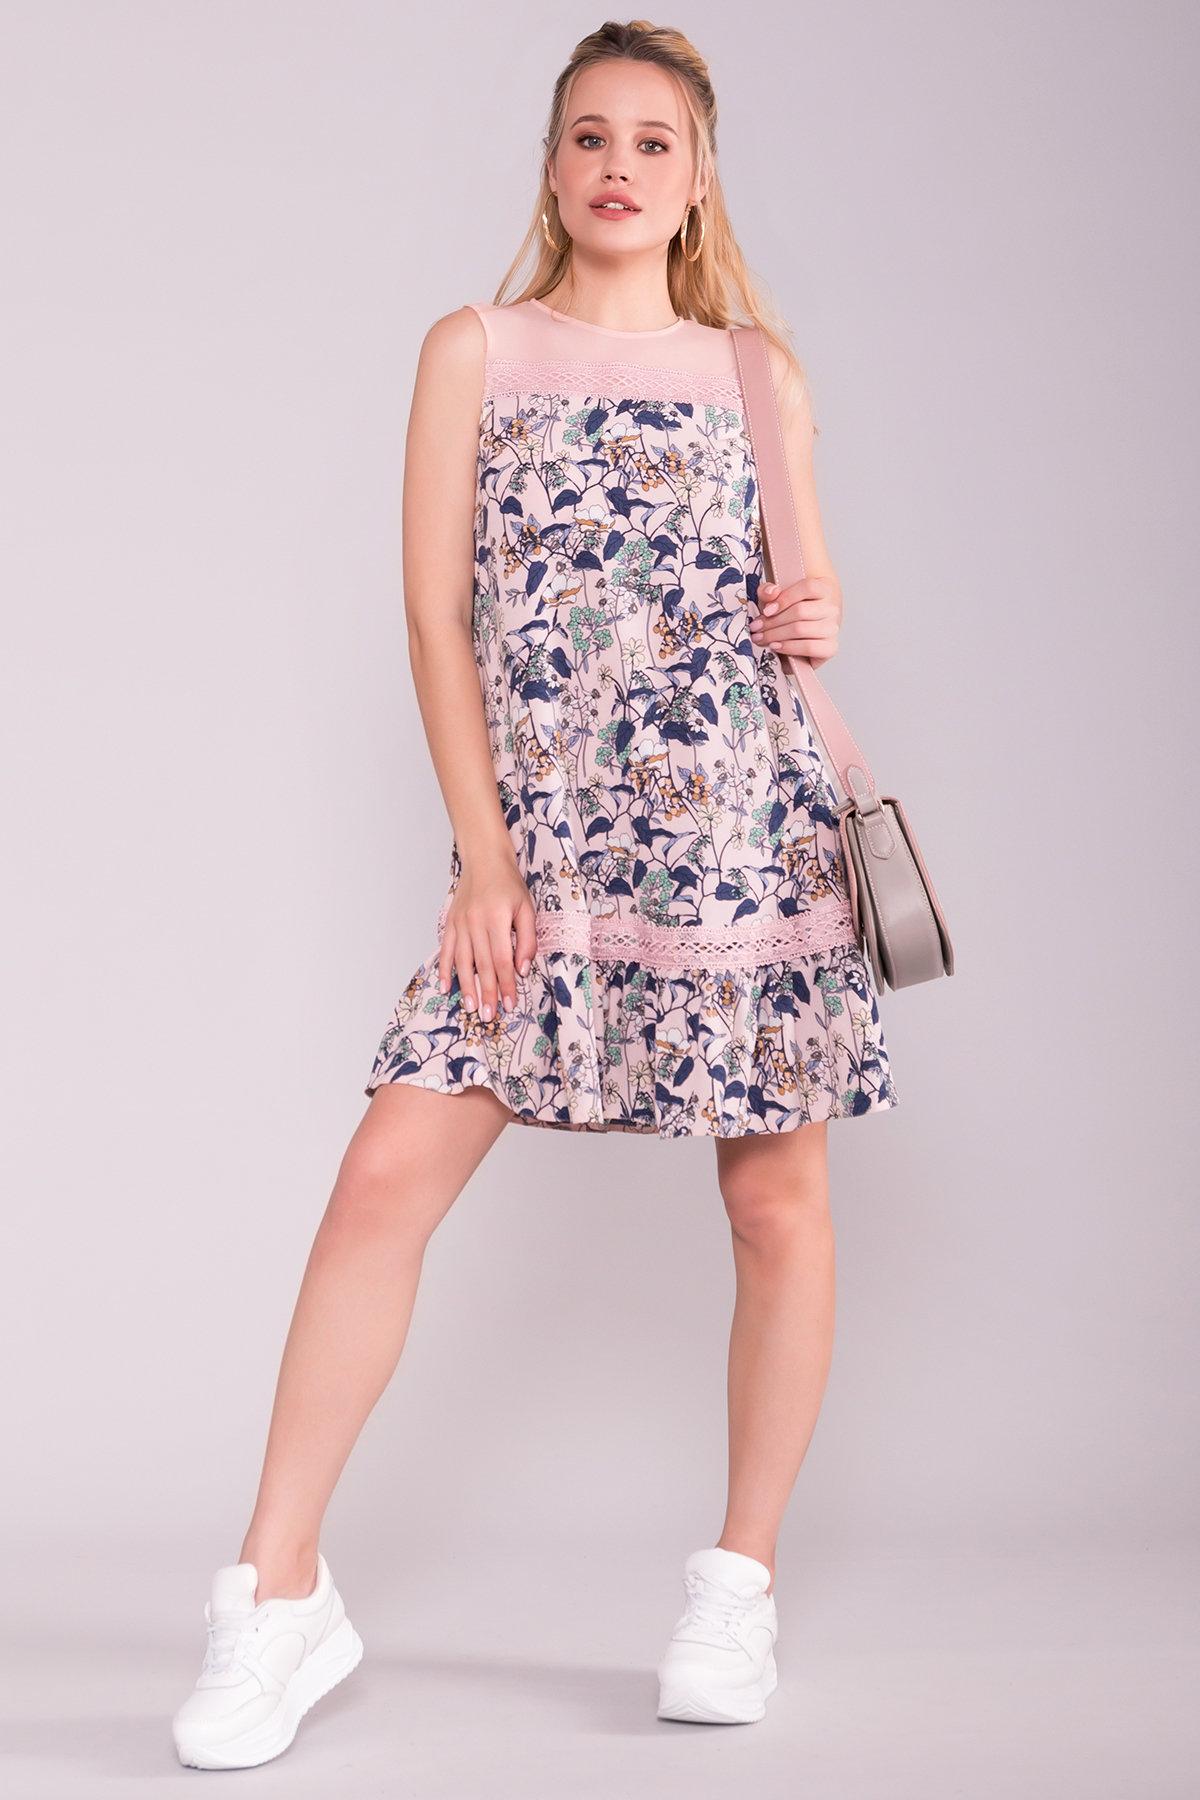 Платье Инга 7063 Цвет: Абстрак цветы/пудра